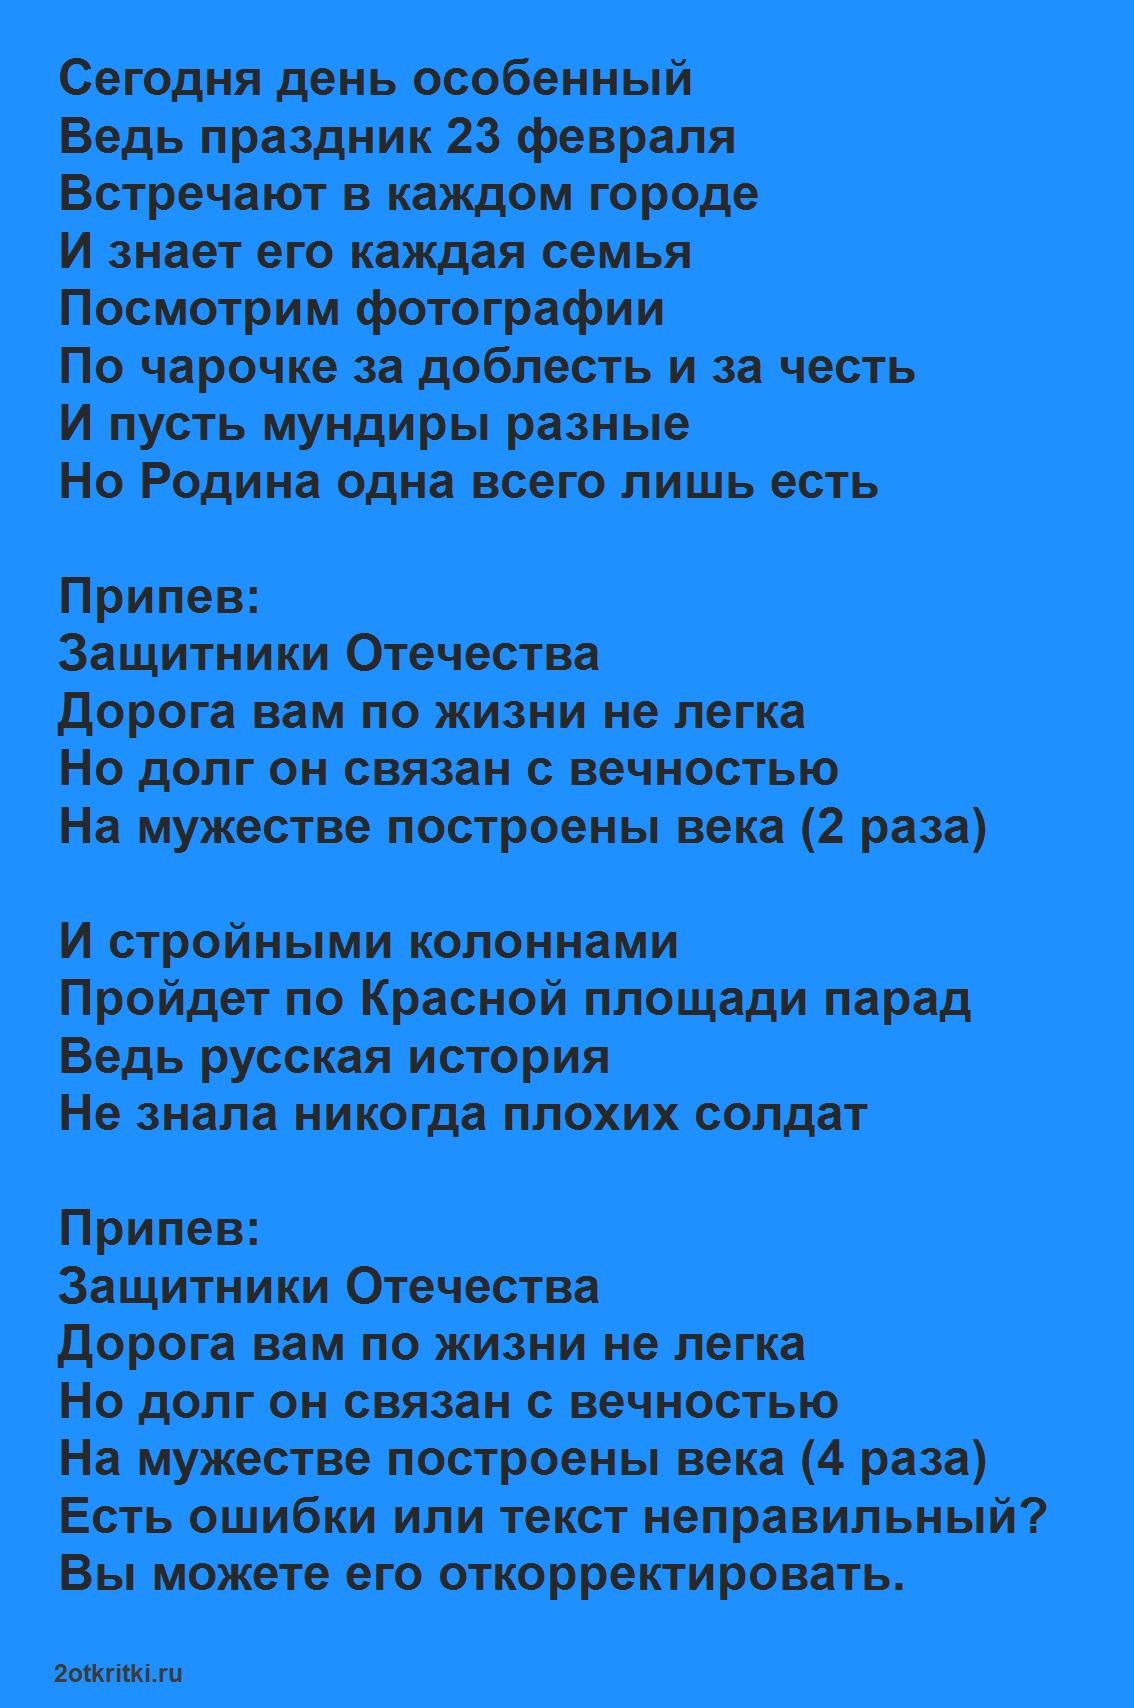 Детские песни на 23 февраля - Защитники Отечества